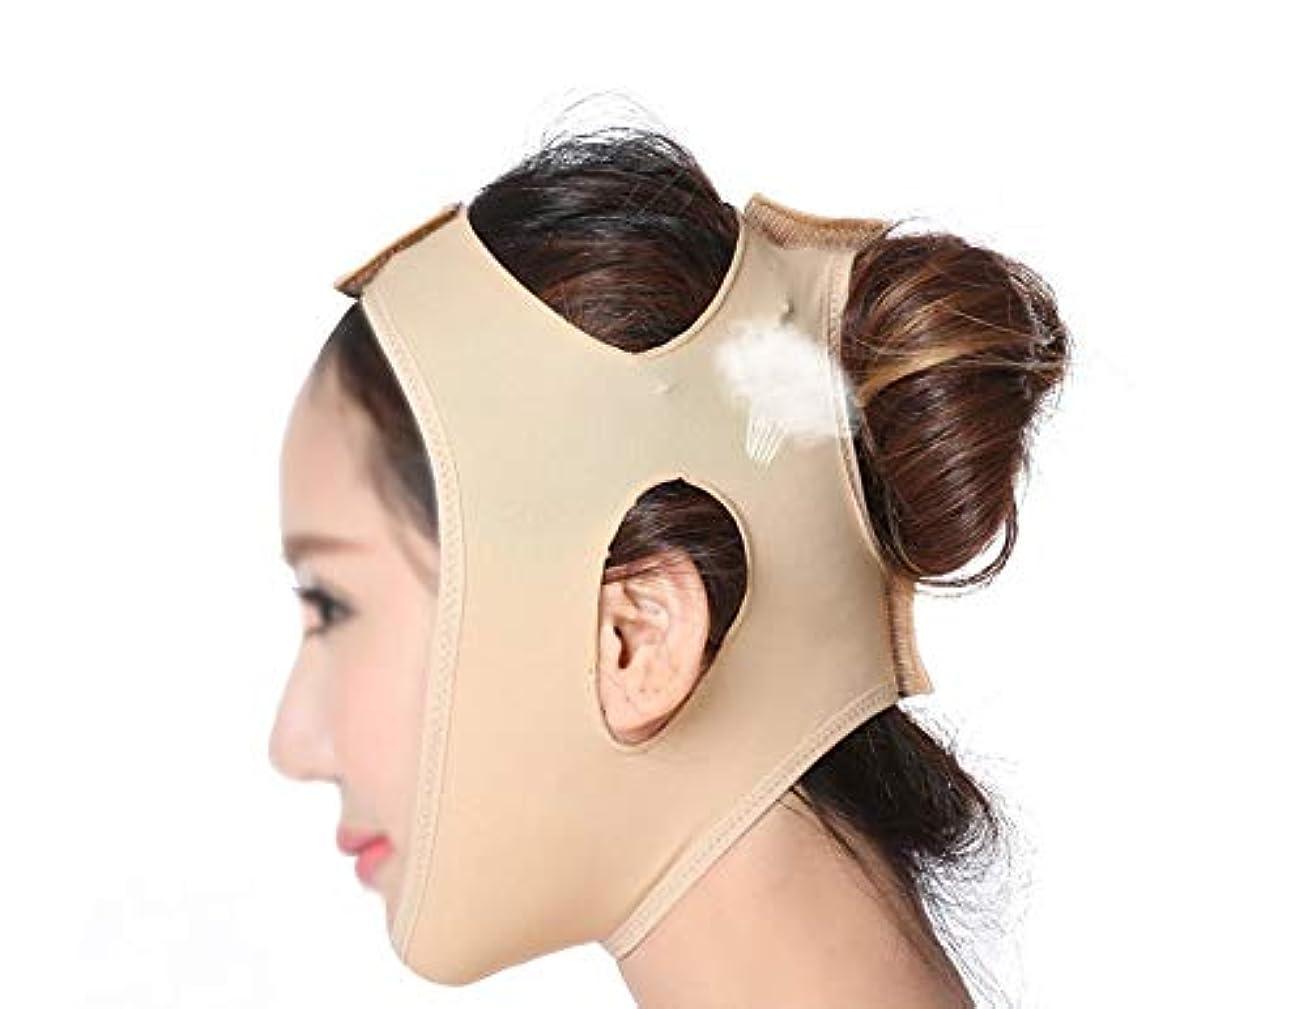 理解する応じるダーベビルのテスLJK ファーミングフェイスマスク、フェイシャルマスク睡眠薄いフェイス包帯薄いフェイスマスクフェイスリフティングフェイスメロンフェイスVフェイスリフティングファーミングダブルチン美容ツール (Size : XXL)